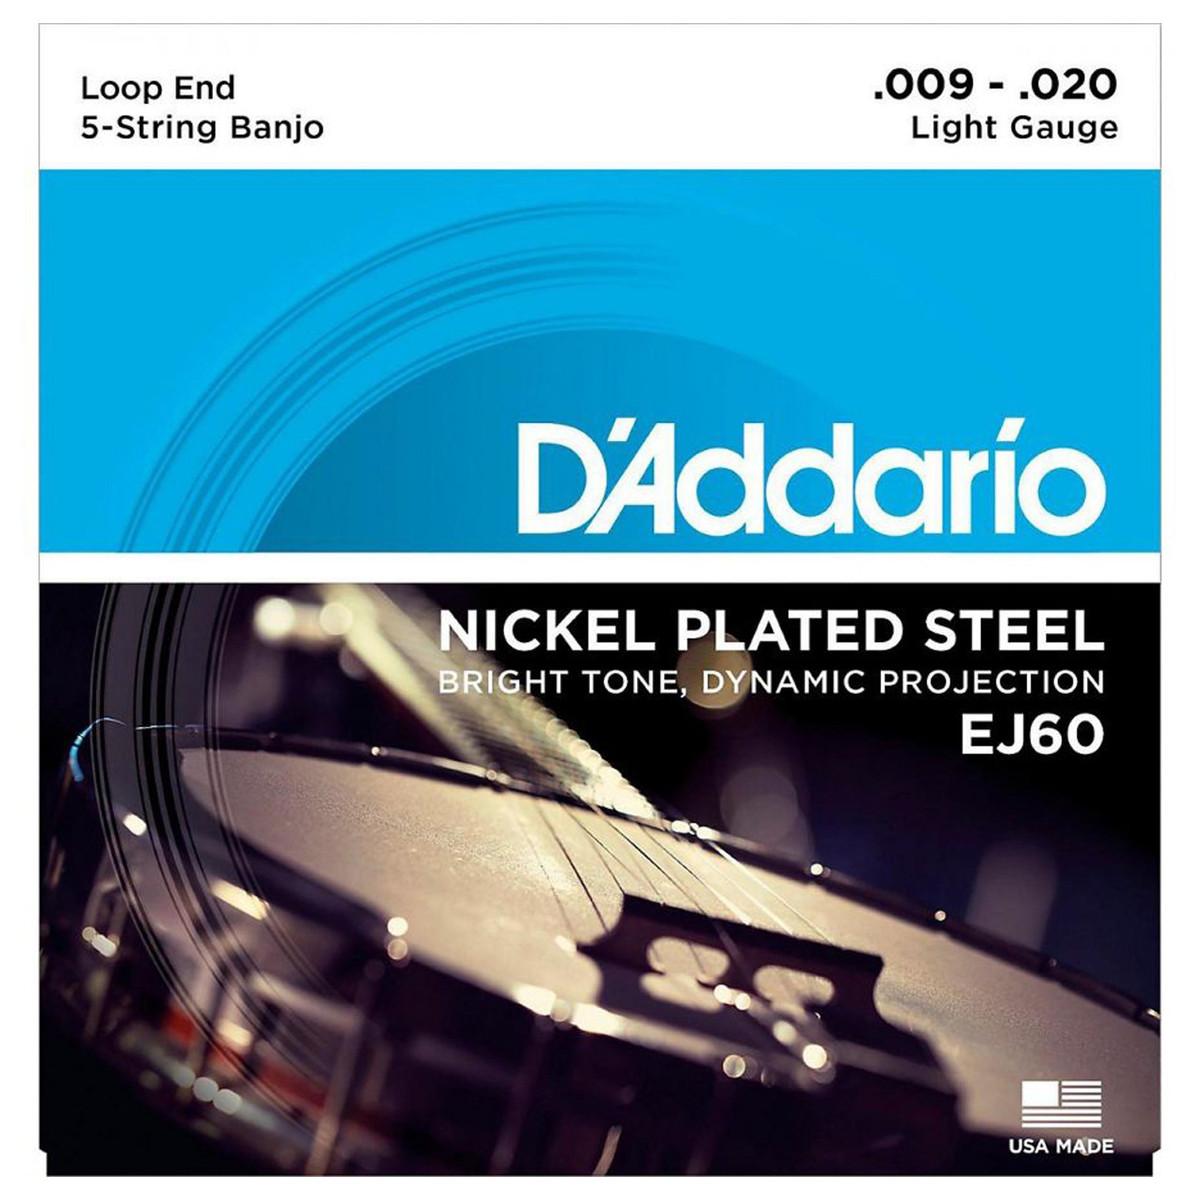 D'Addario EJ60 5-String Banjo Strings 9-20